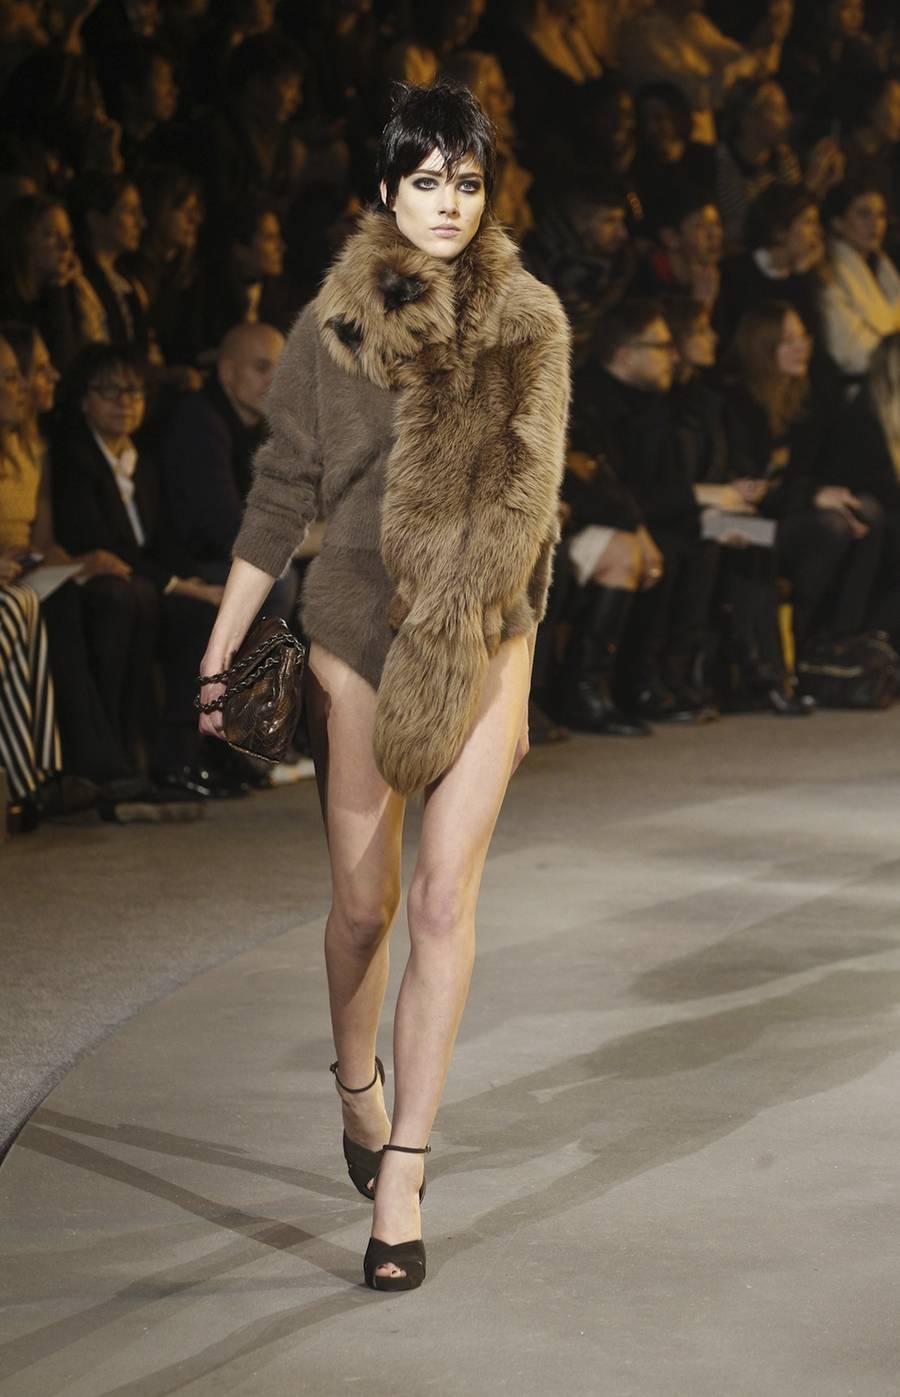 942207300cc5 Fall Winter 2013 Women s Ready to Wear. Look 41